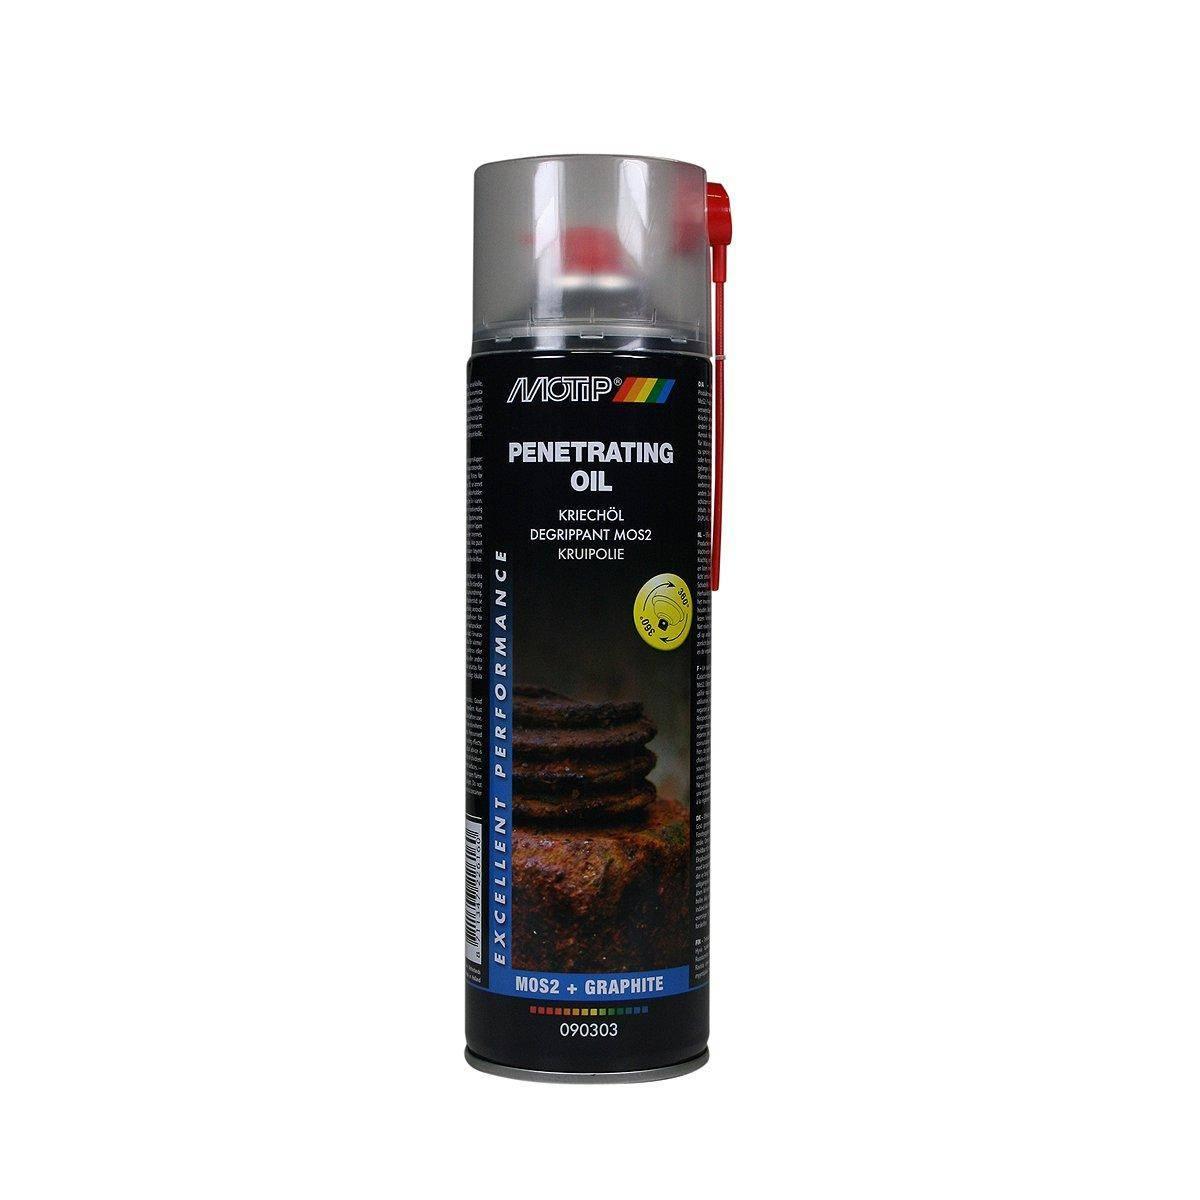 Penetrating oil Motip 500ml spray